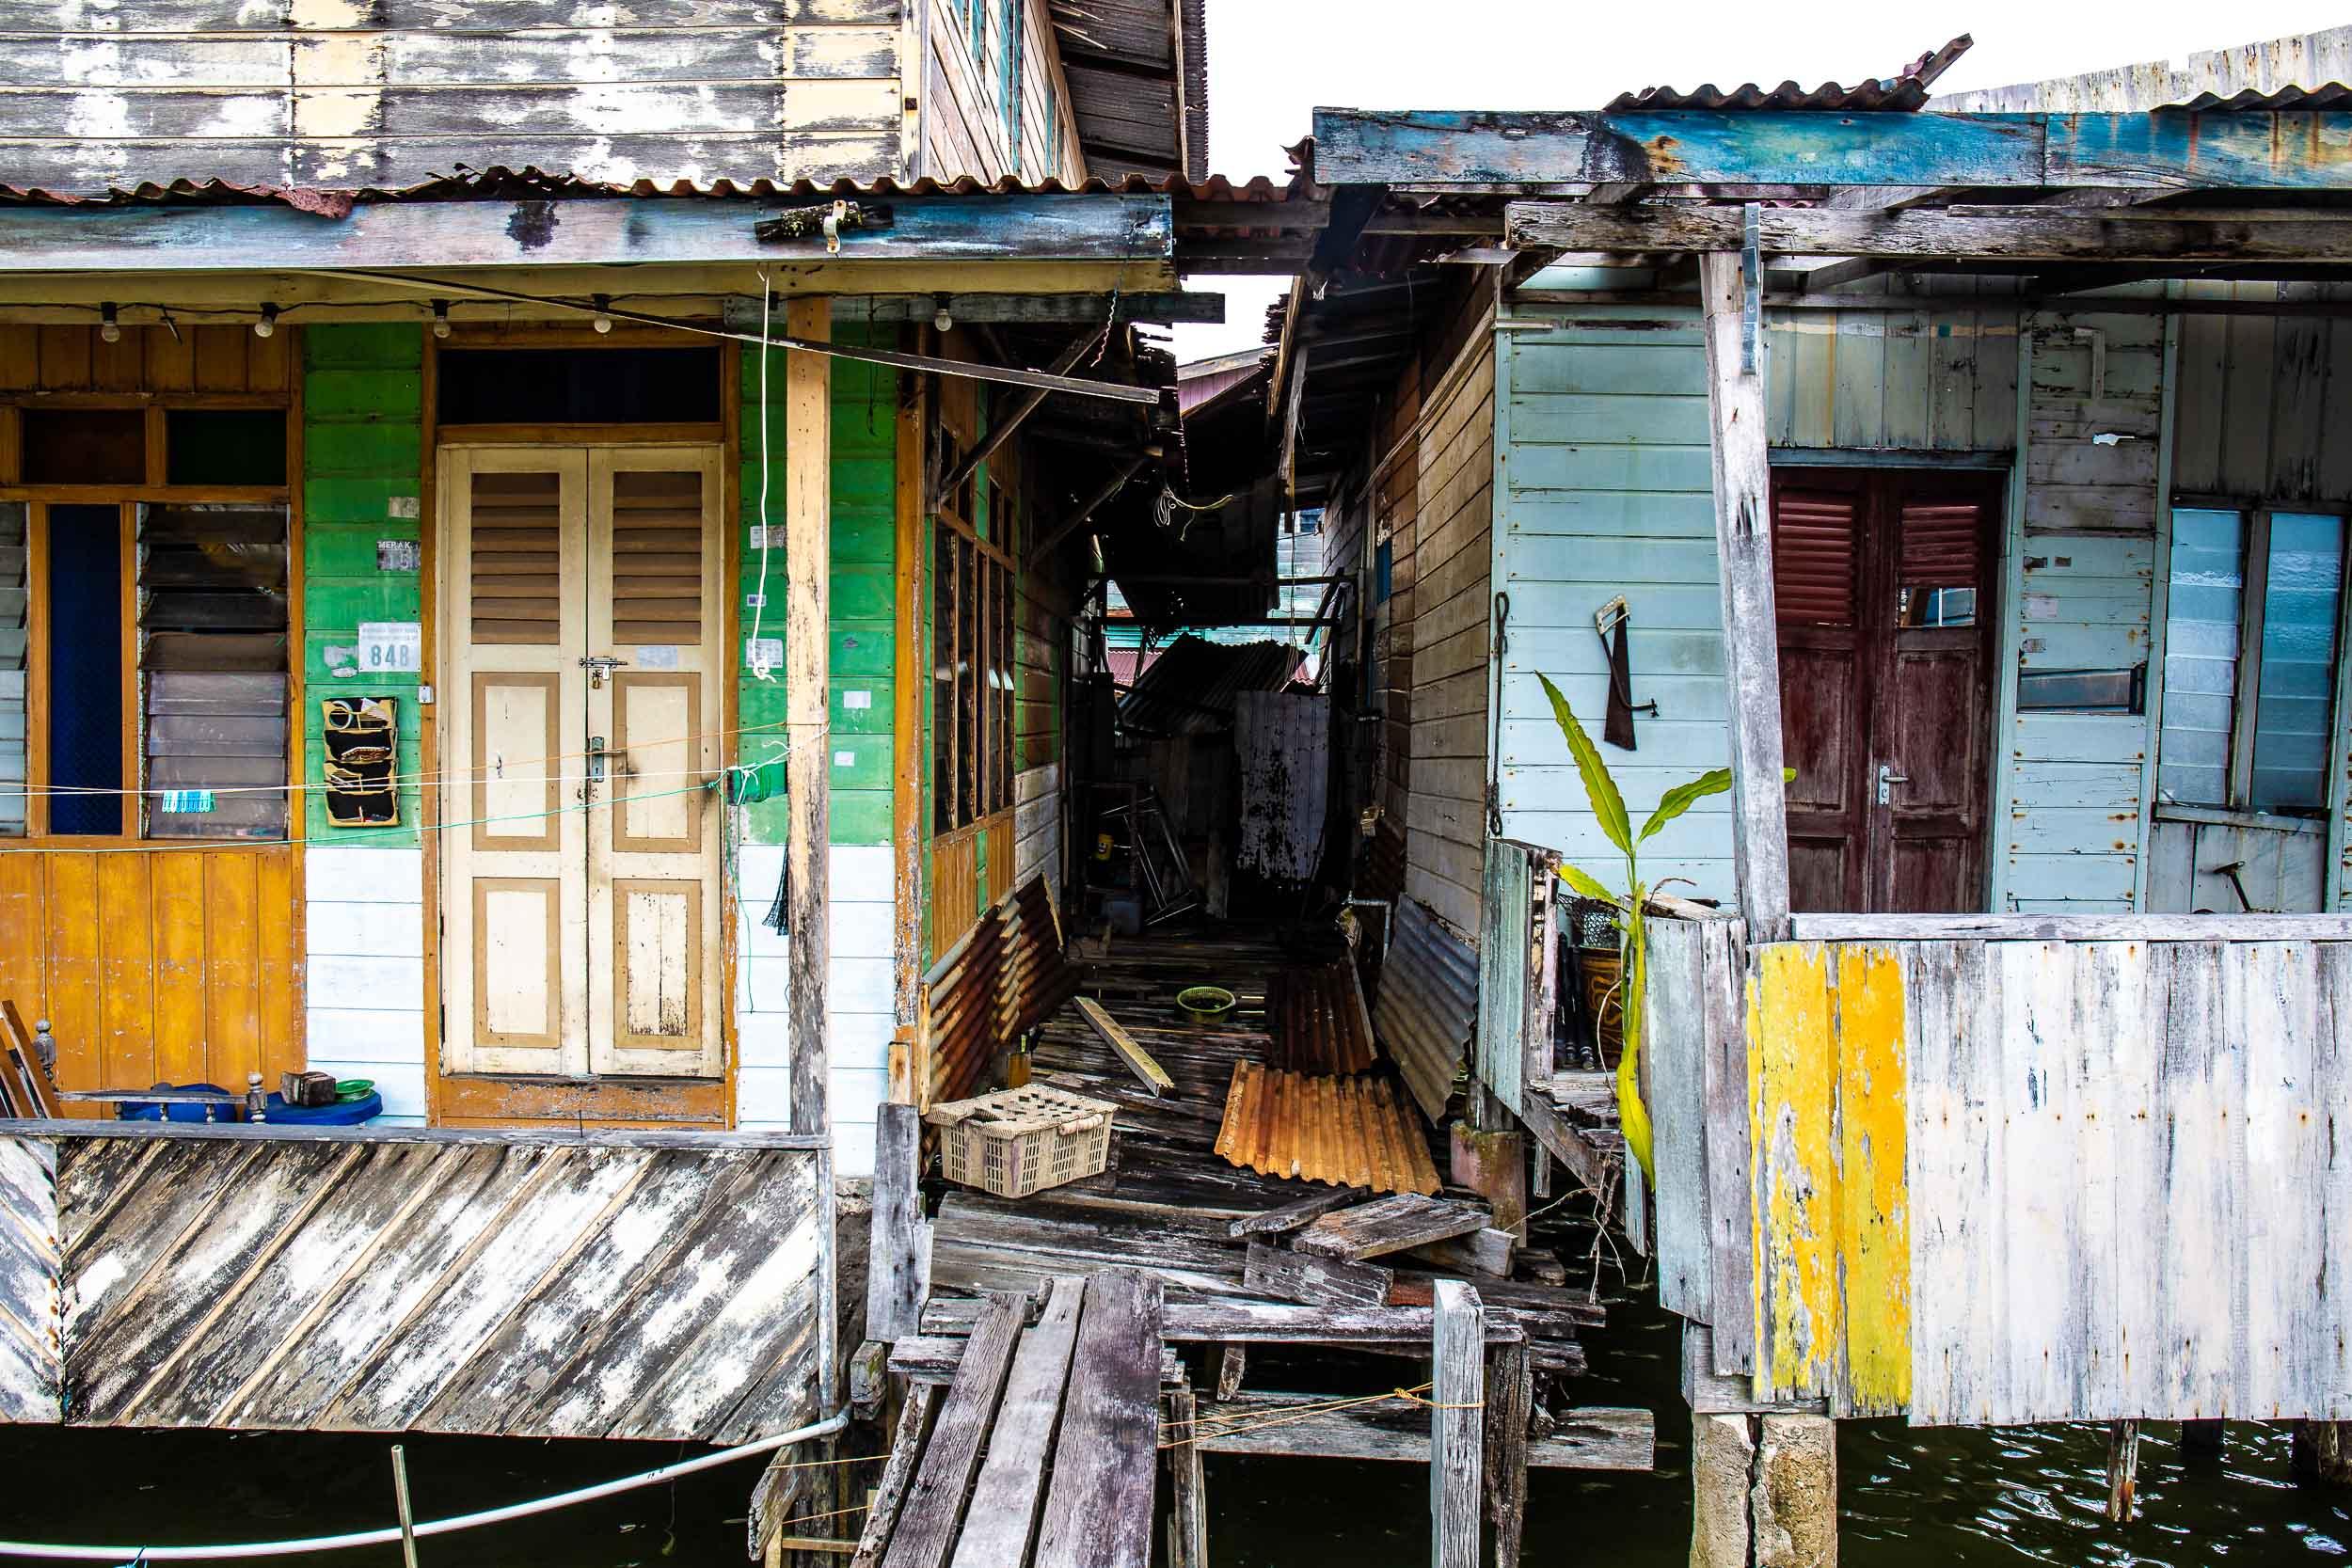 The village has seen better days, Kampong Ayer, Bandar Seri Begawan, Brunei